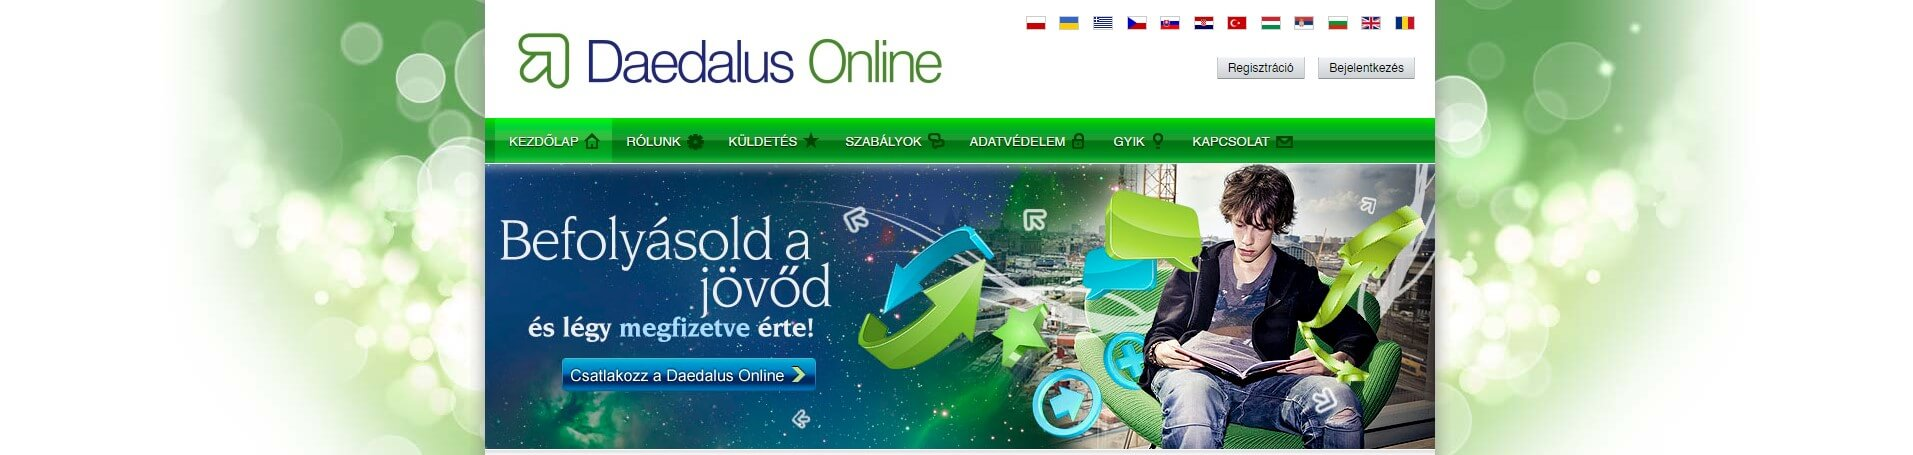 a legjobban fizetett weboldal az interneten történő pénzkereséshez